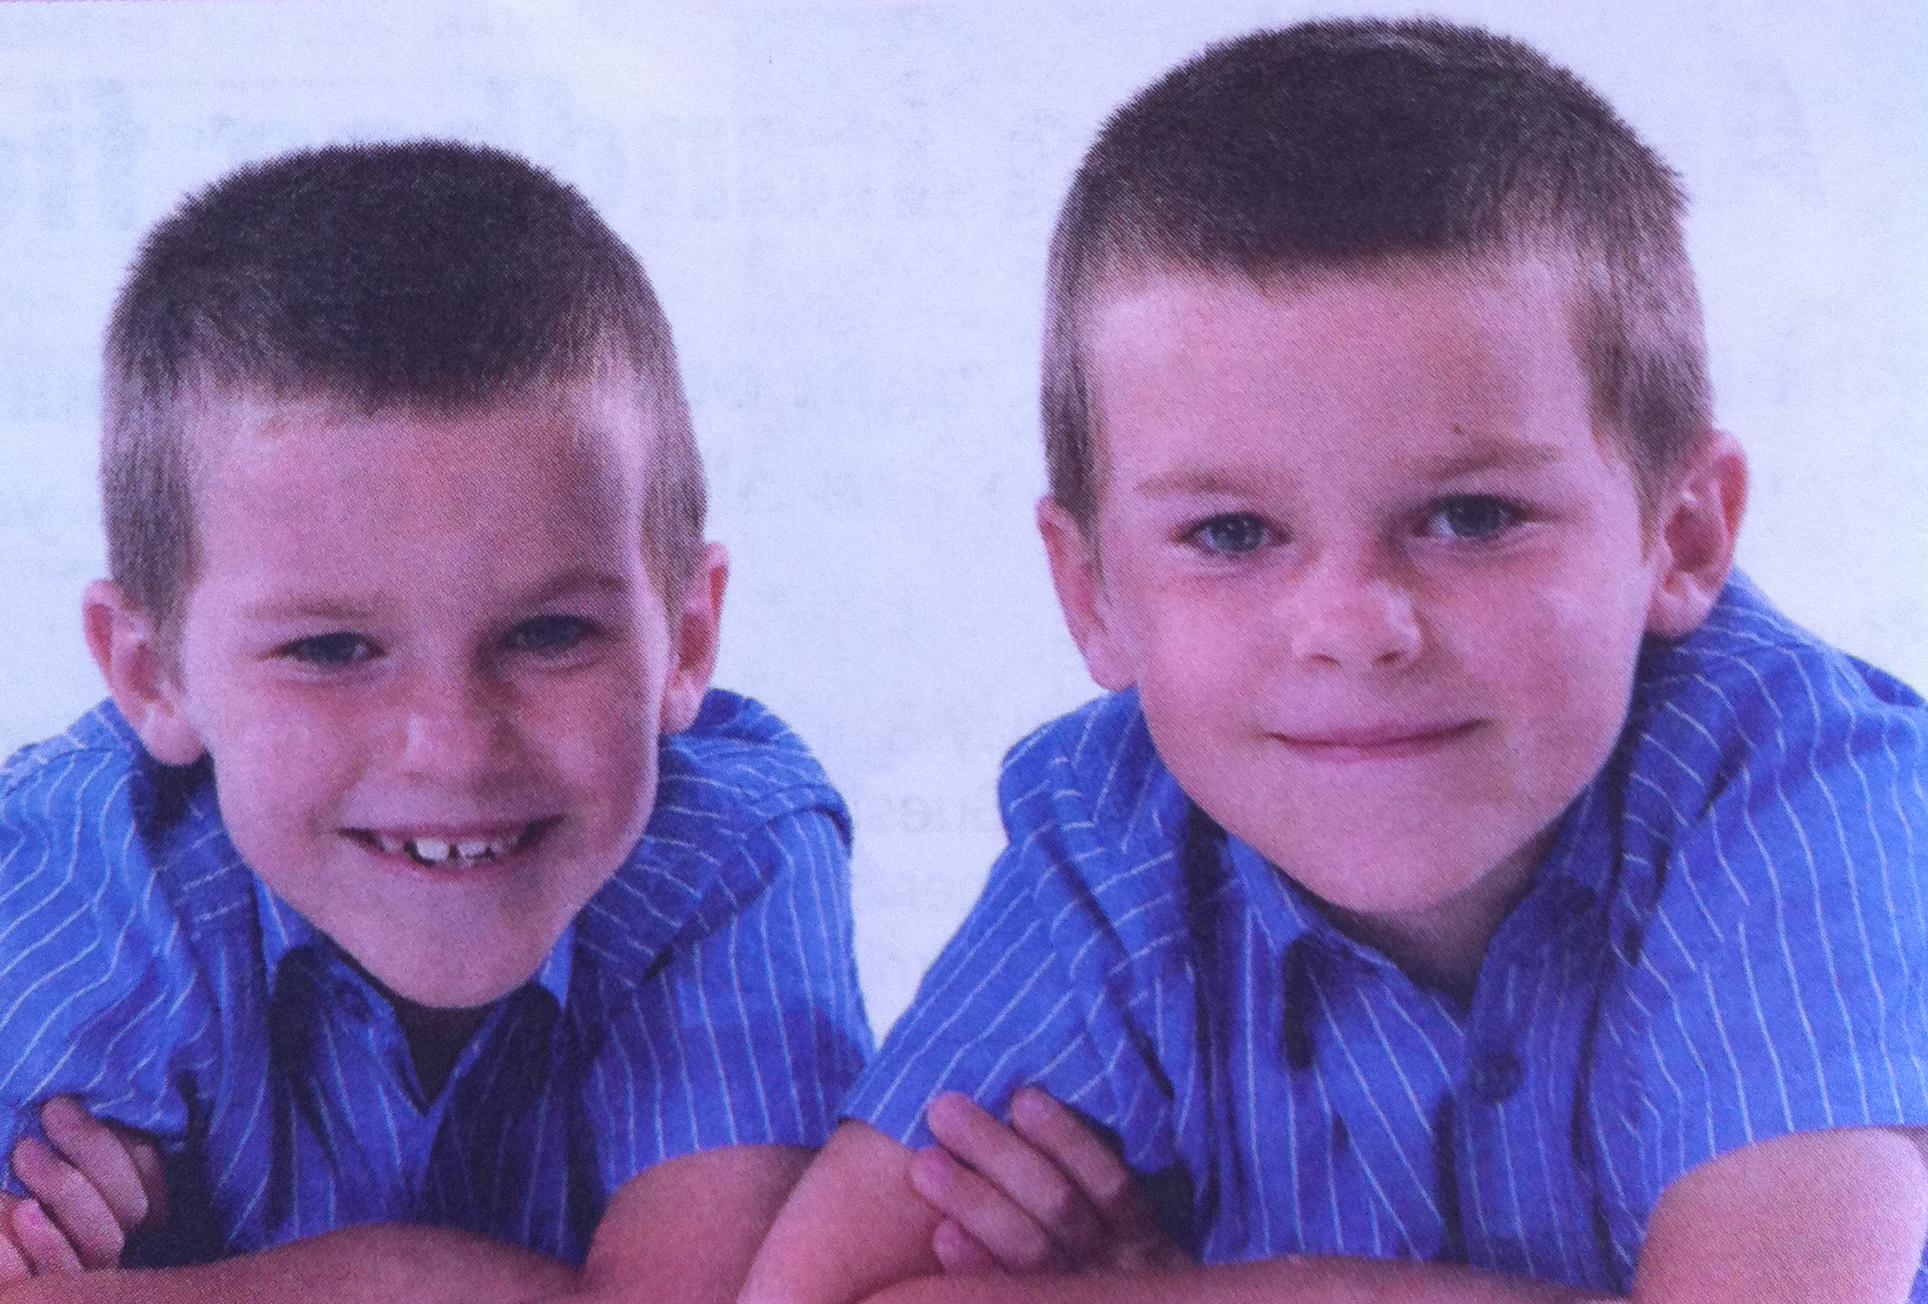 Dan and Zak